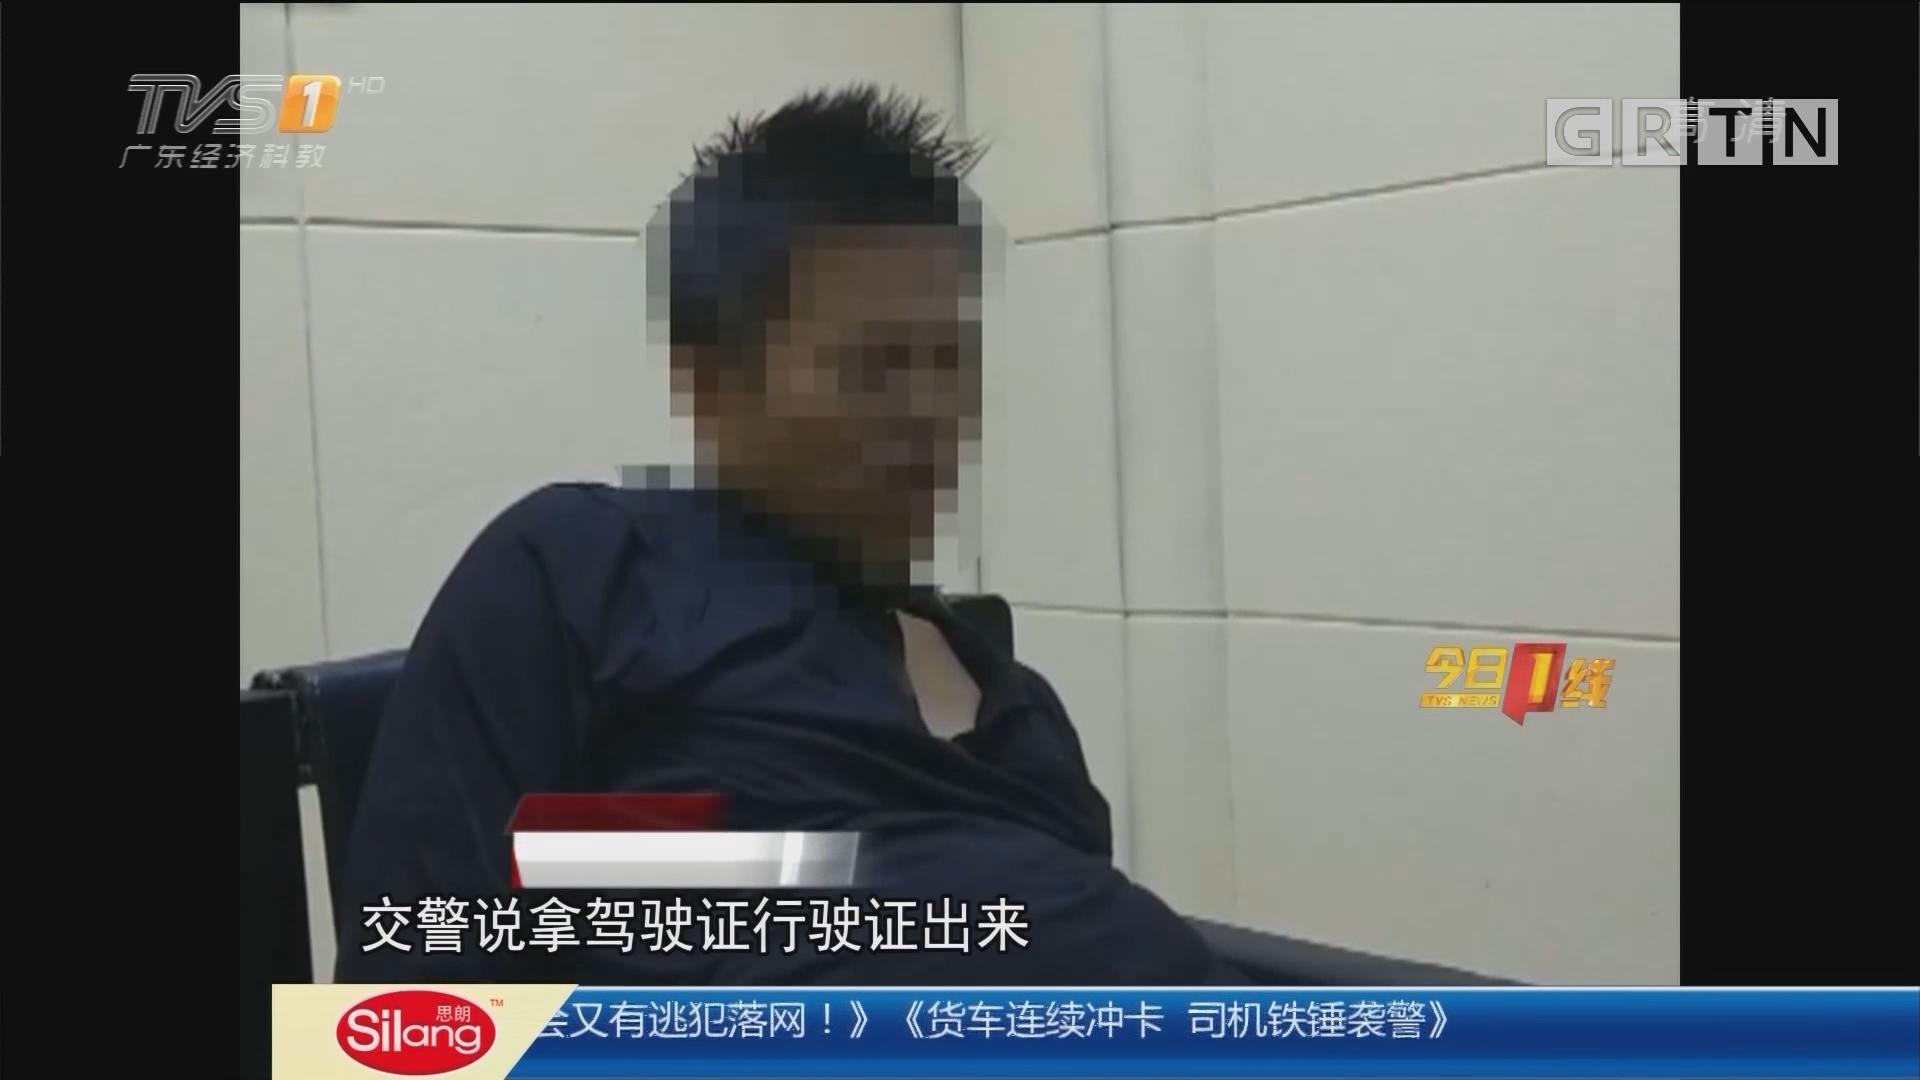 广西钦州:货车连续冲卡 司机铁锤袭警